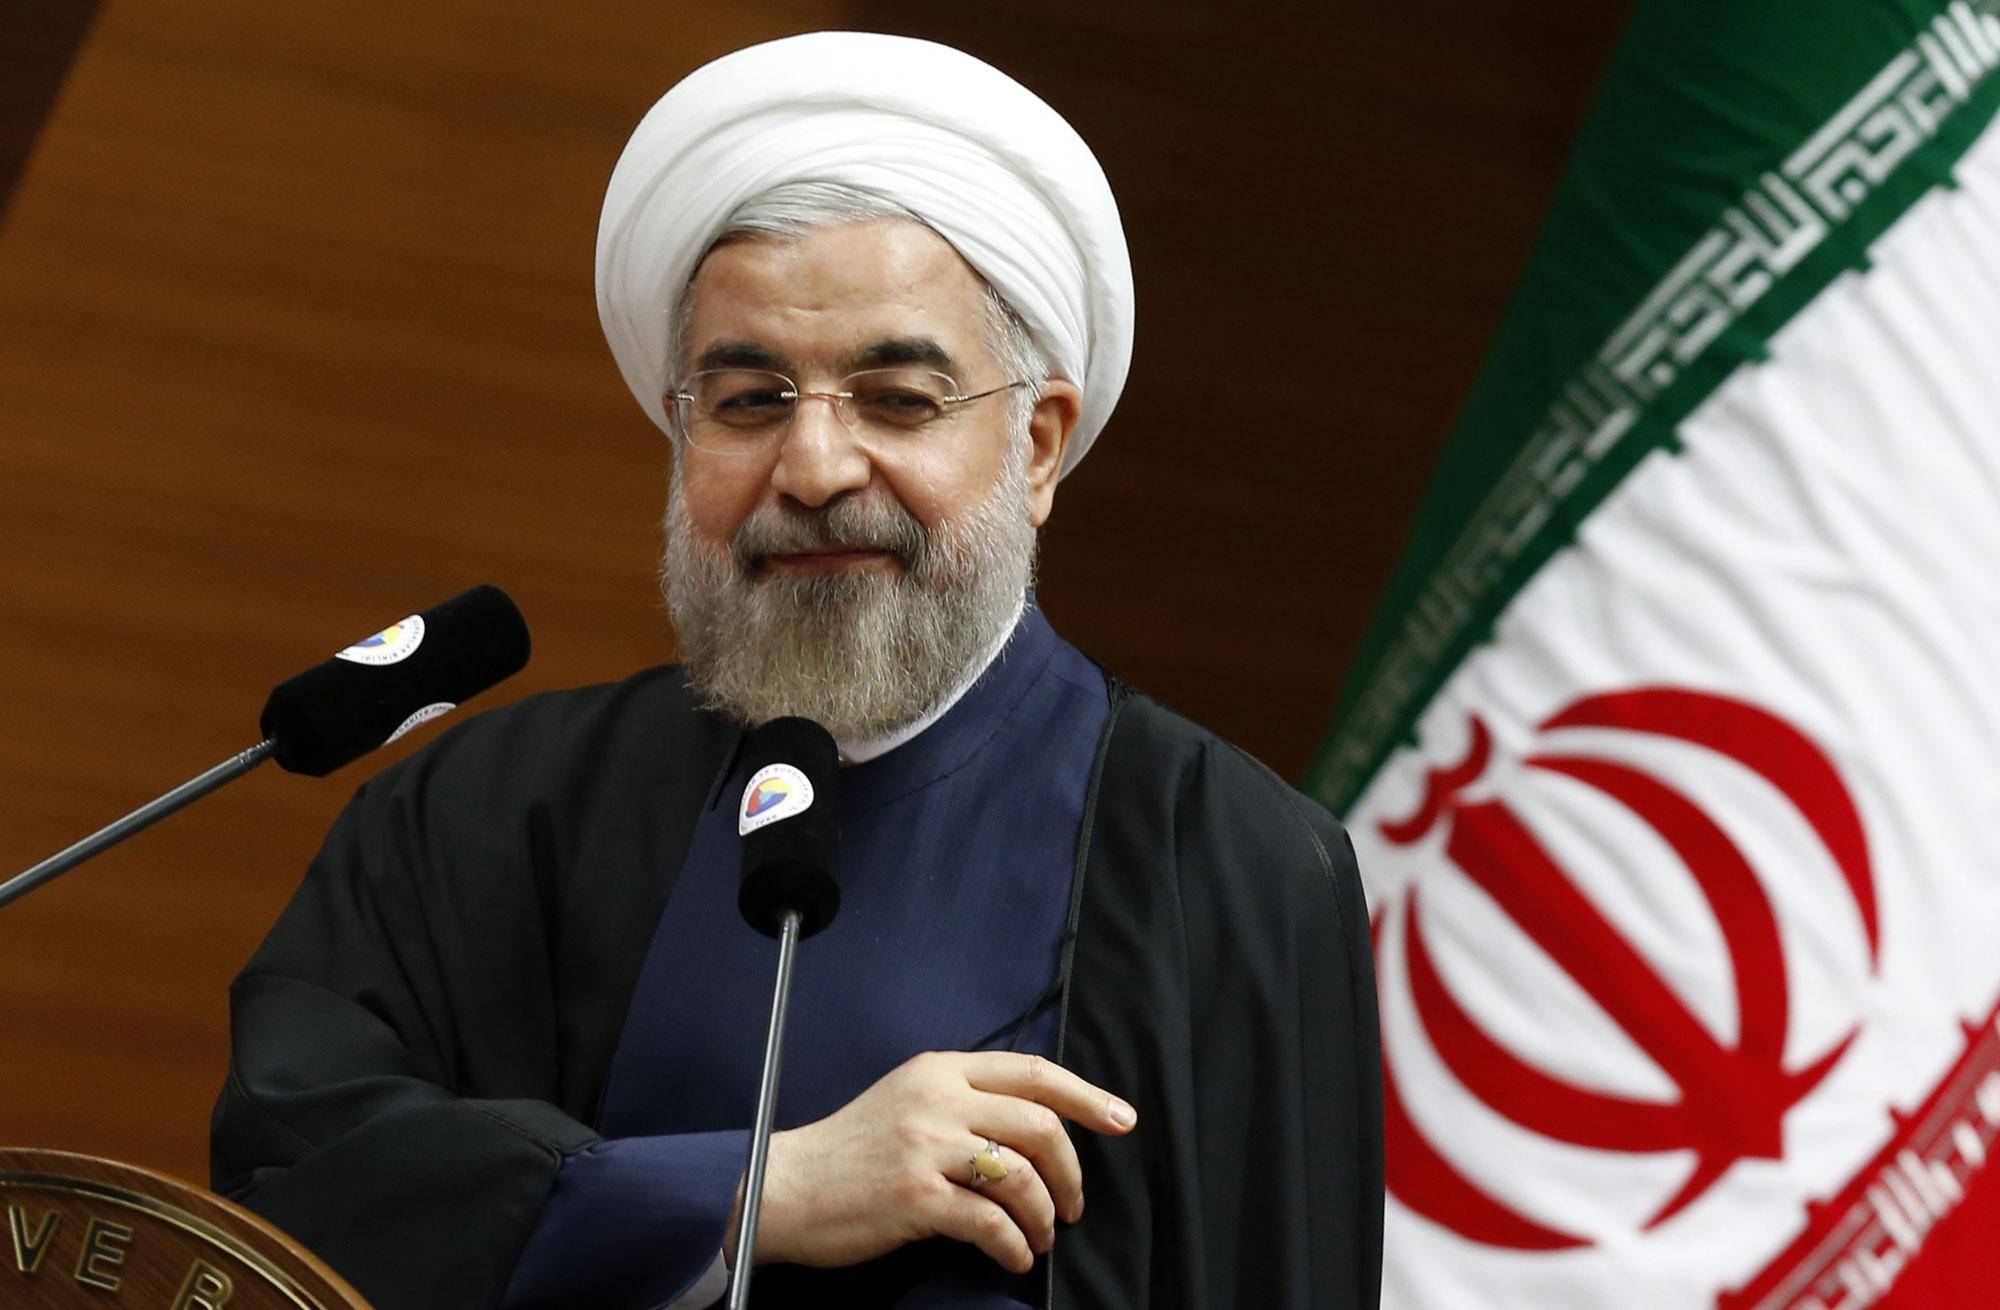 Présidentielle en Iran: la candidature d'Ahmadinejad rejetée